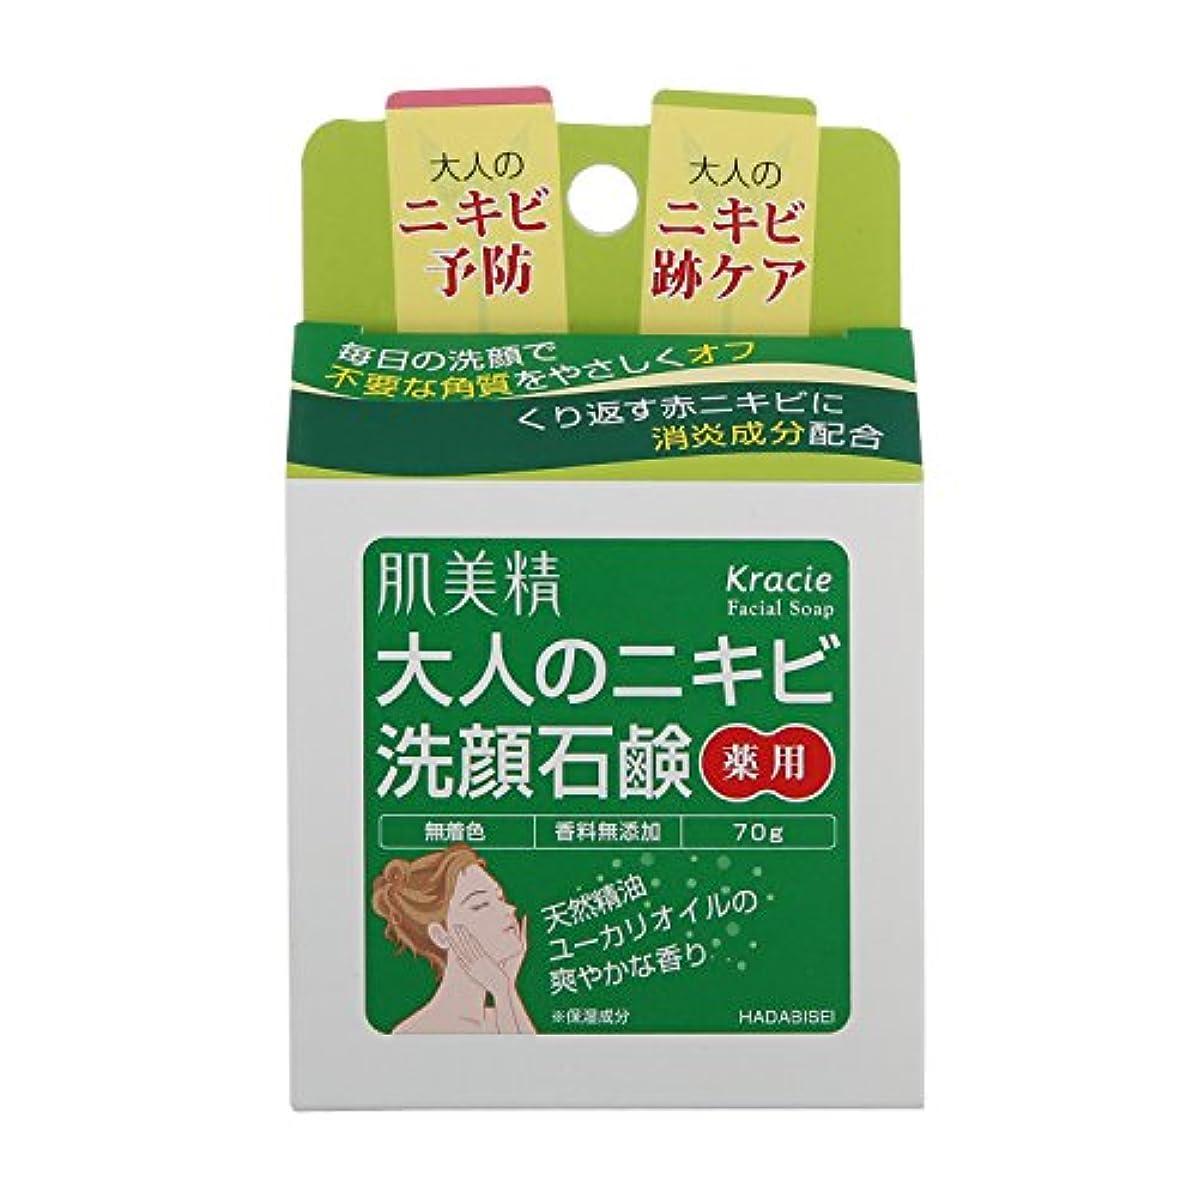 夏愛撫賛美歌肌美精 大人のニキビ 薬用洗顔石鹸 70g  [医薬部外品]